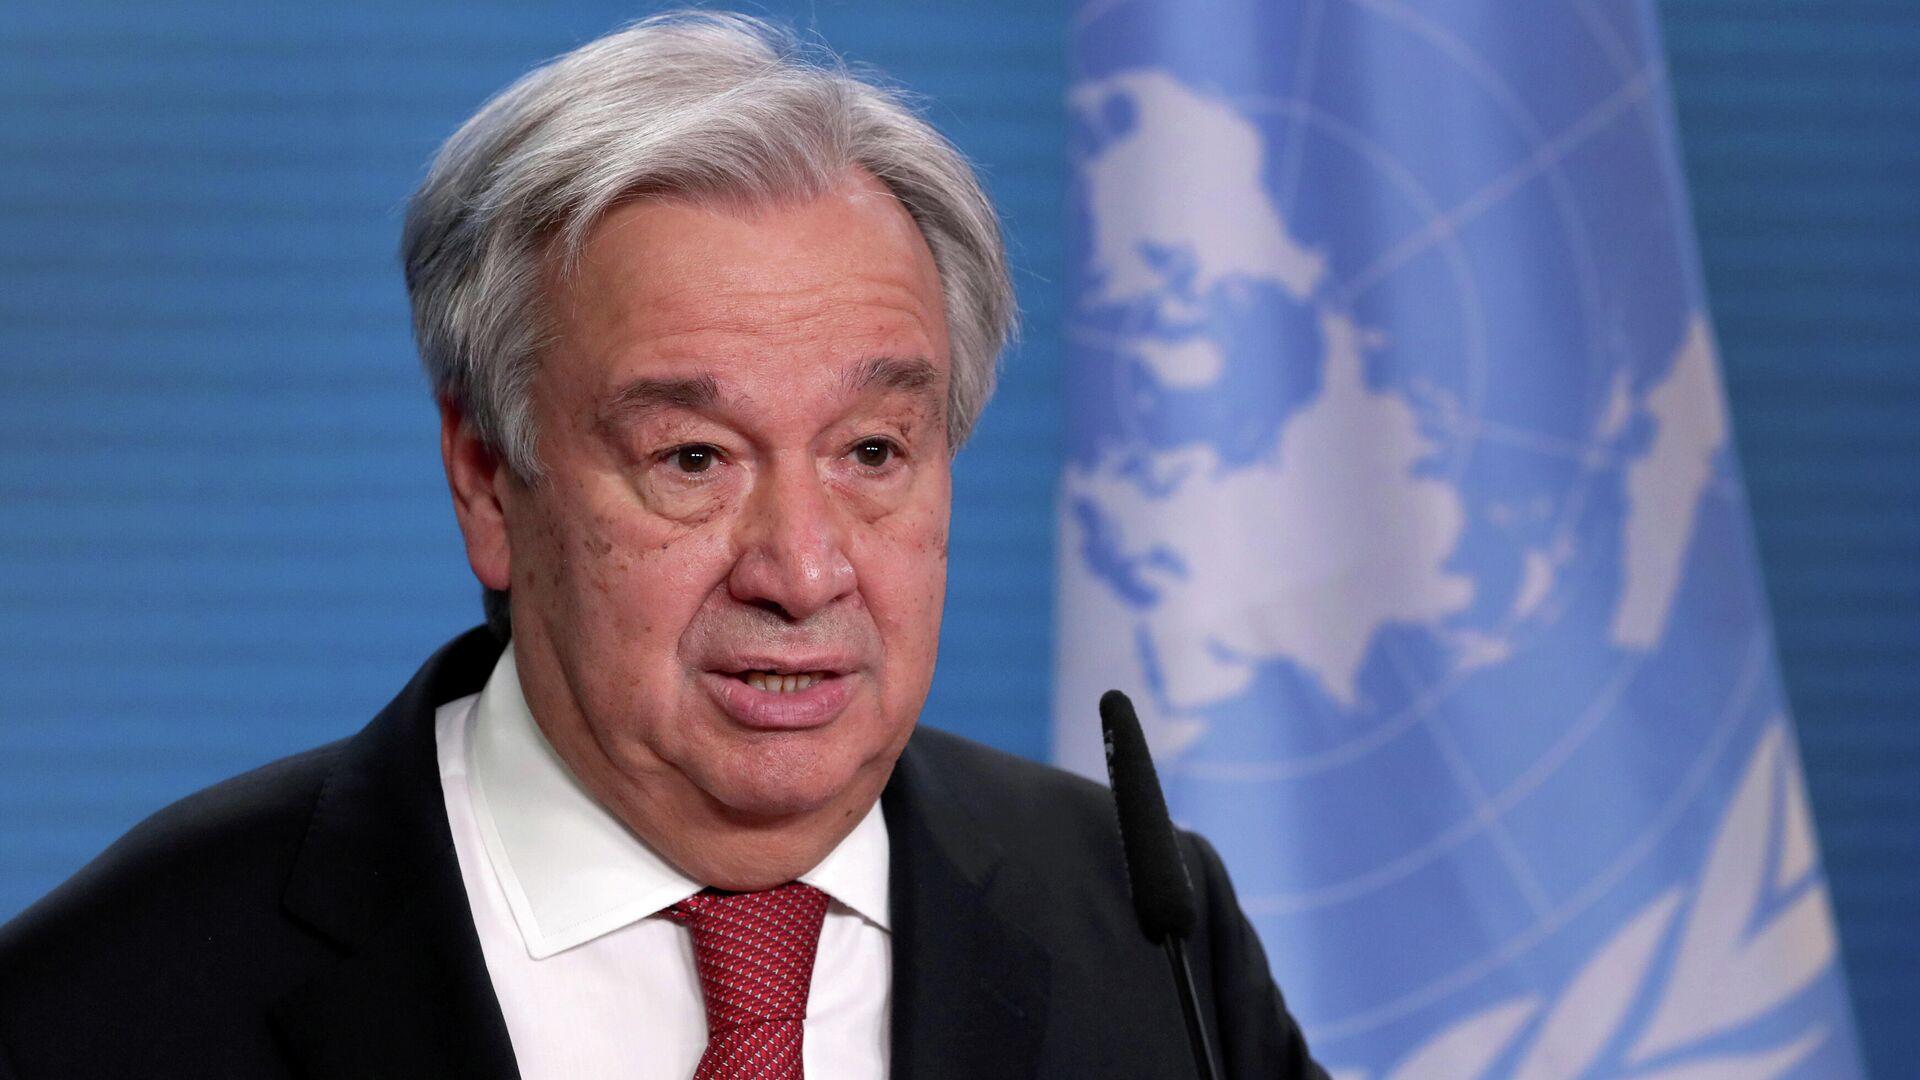 António Guterres, el secretario general de la Organización de Naciones Unidas (ONU) - Sputnik Mundo, 1920, 29.03.2021